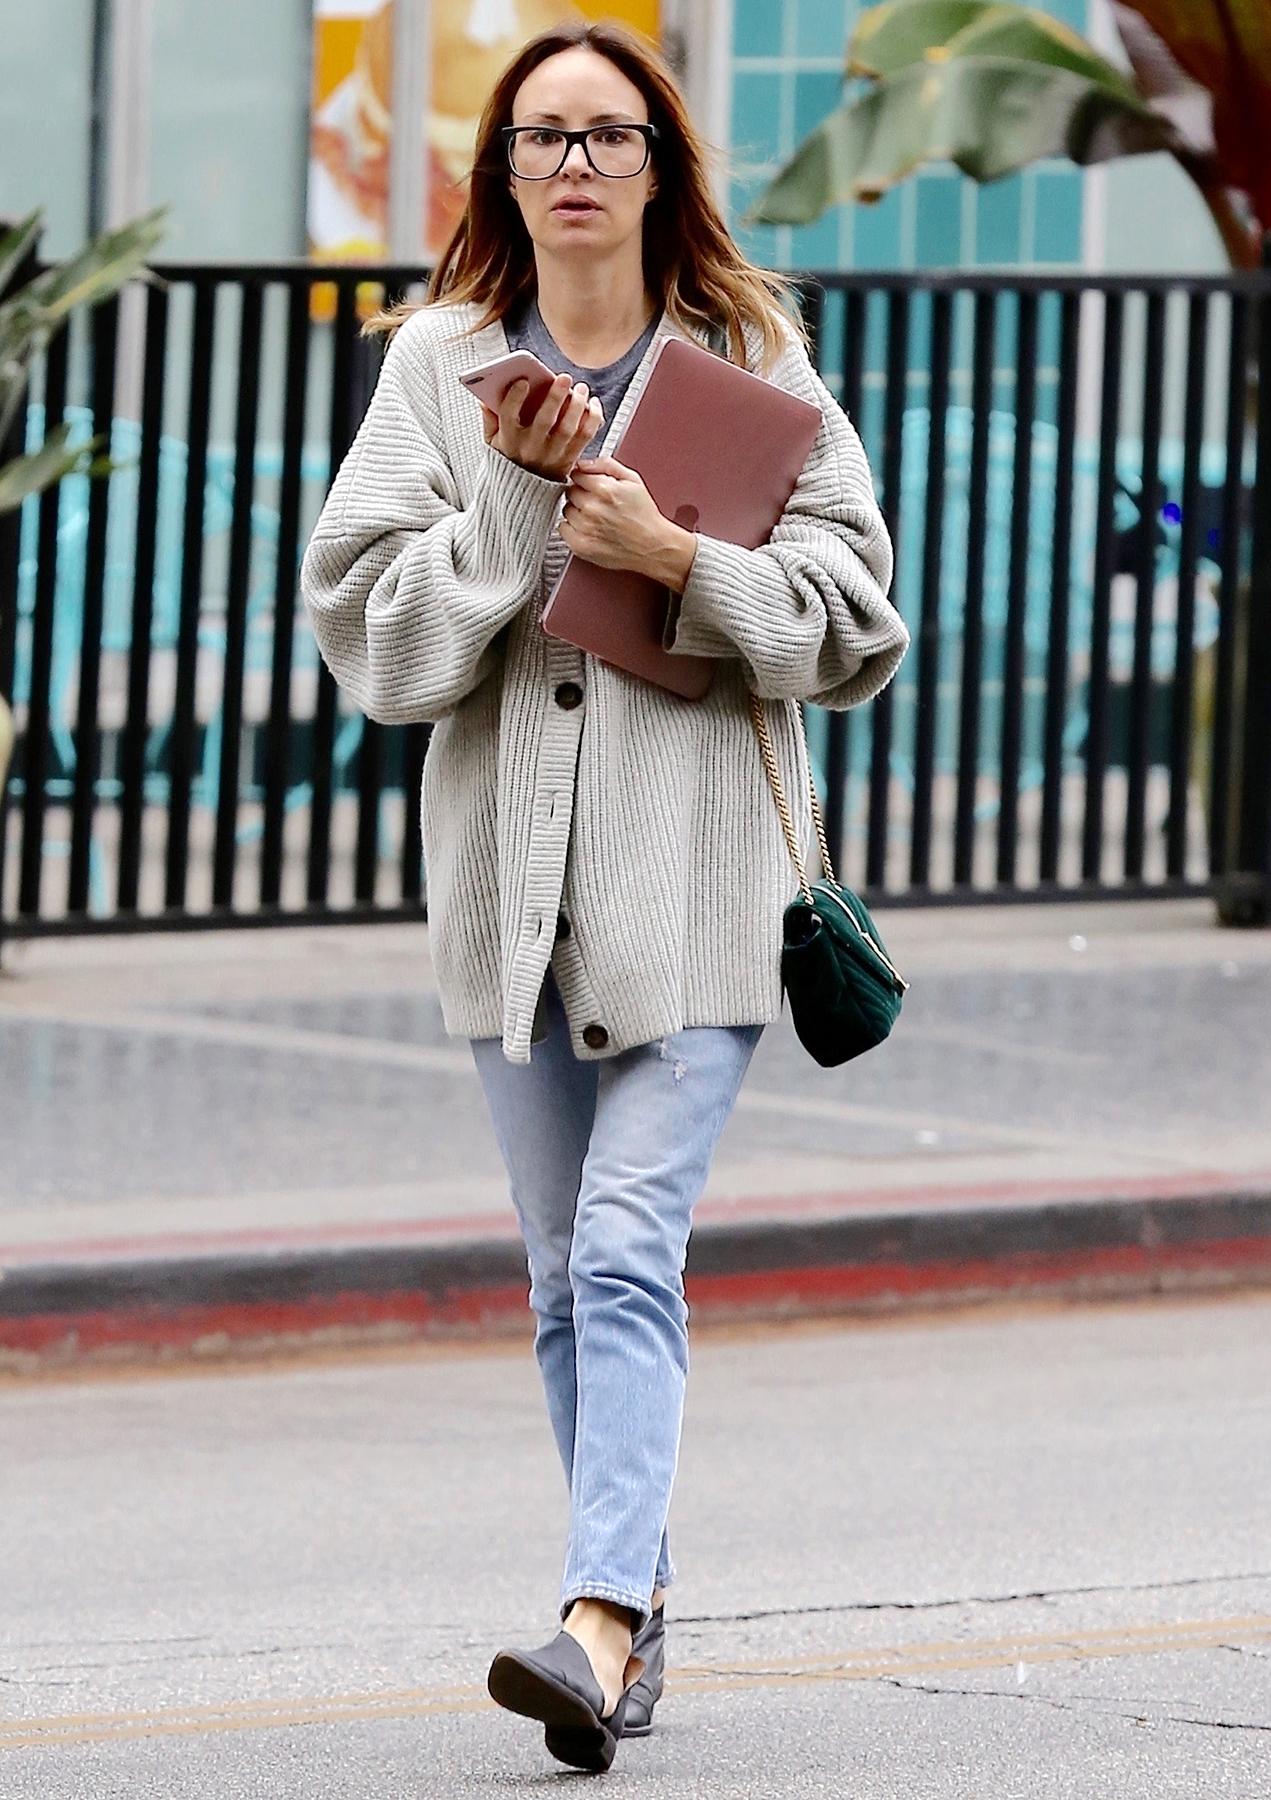 Catt Sadler in Los Angeles, California on December 20, 2017